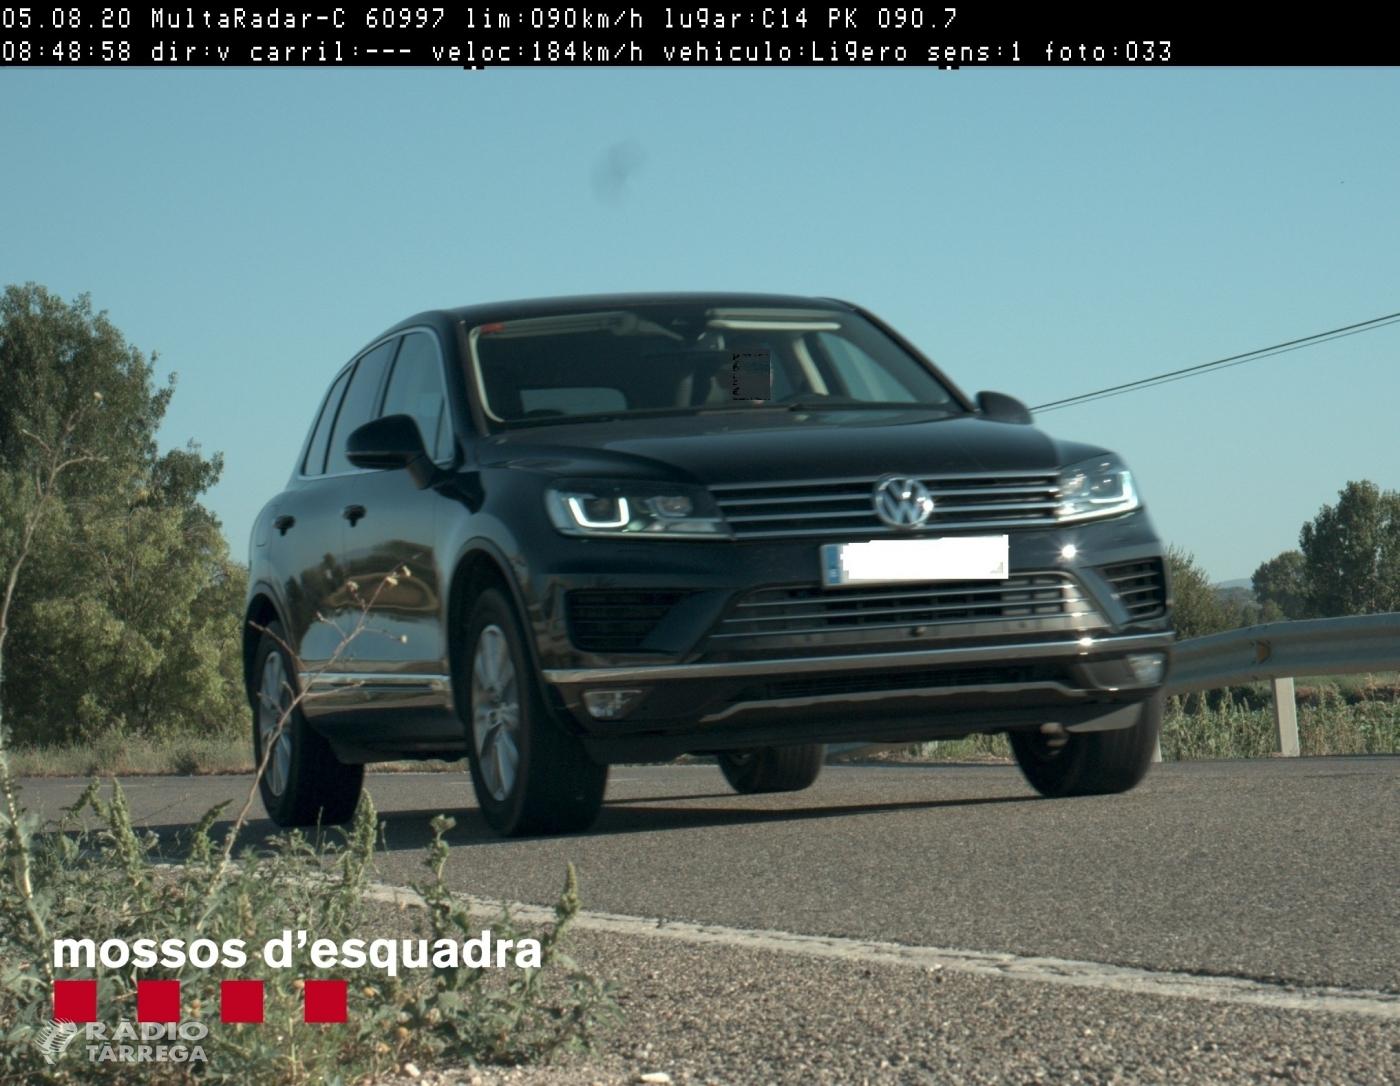 Els Mossos d'Esquadra denuncien penalment un conductor que circulava a 184 km/h per la C-14 a Agramunt